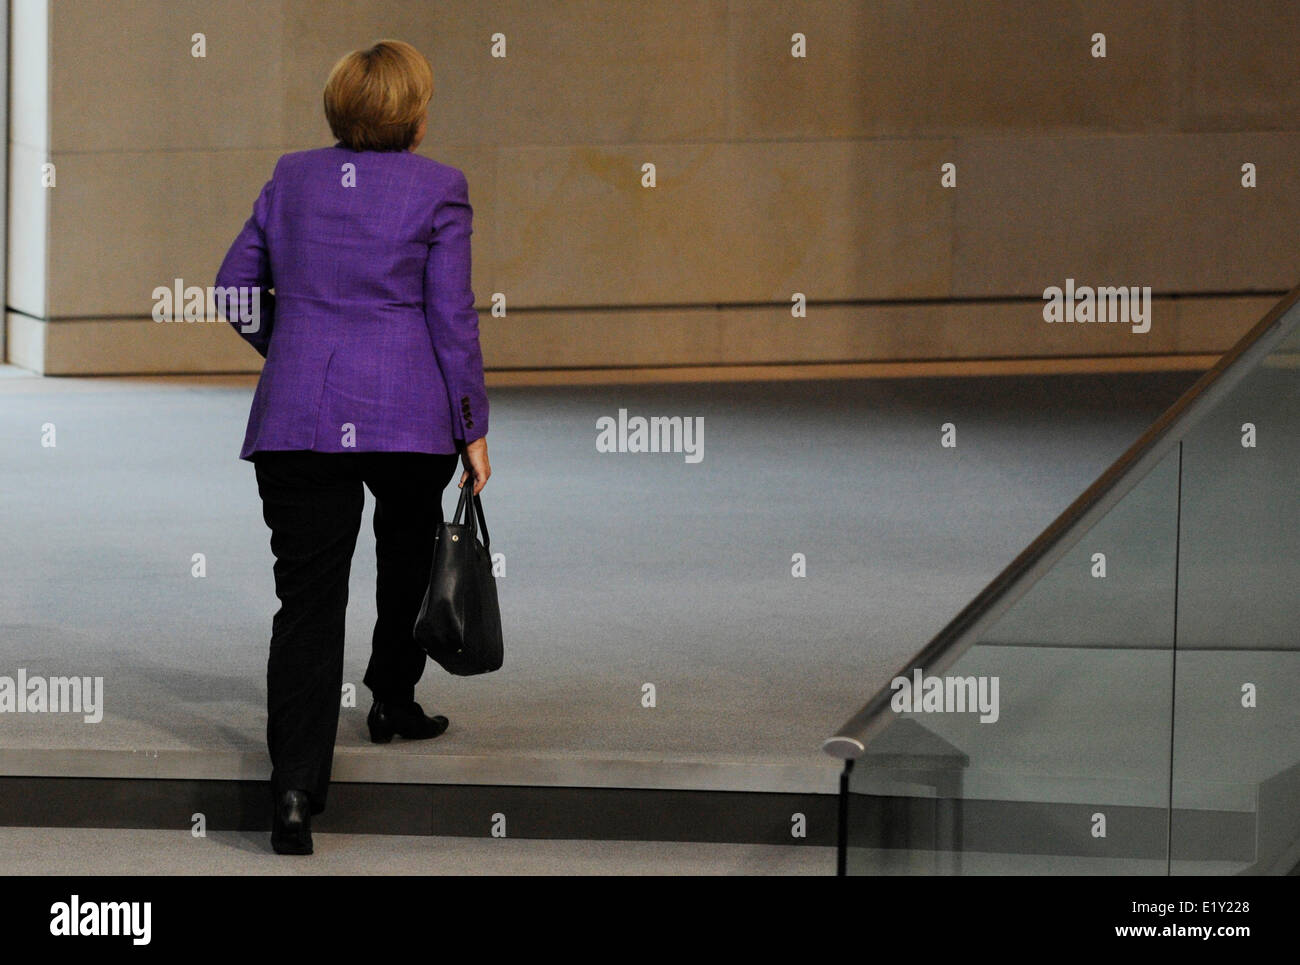 La chancelière allemande Angela Merkel quitte la salle plénière du Bundestag à Berlin le 19 mai en 2010. Banque D'Images